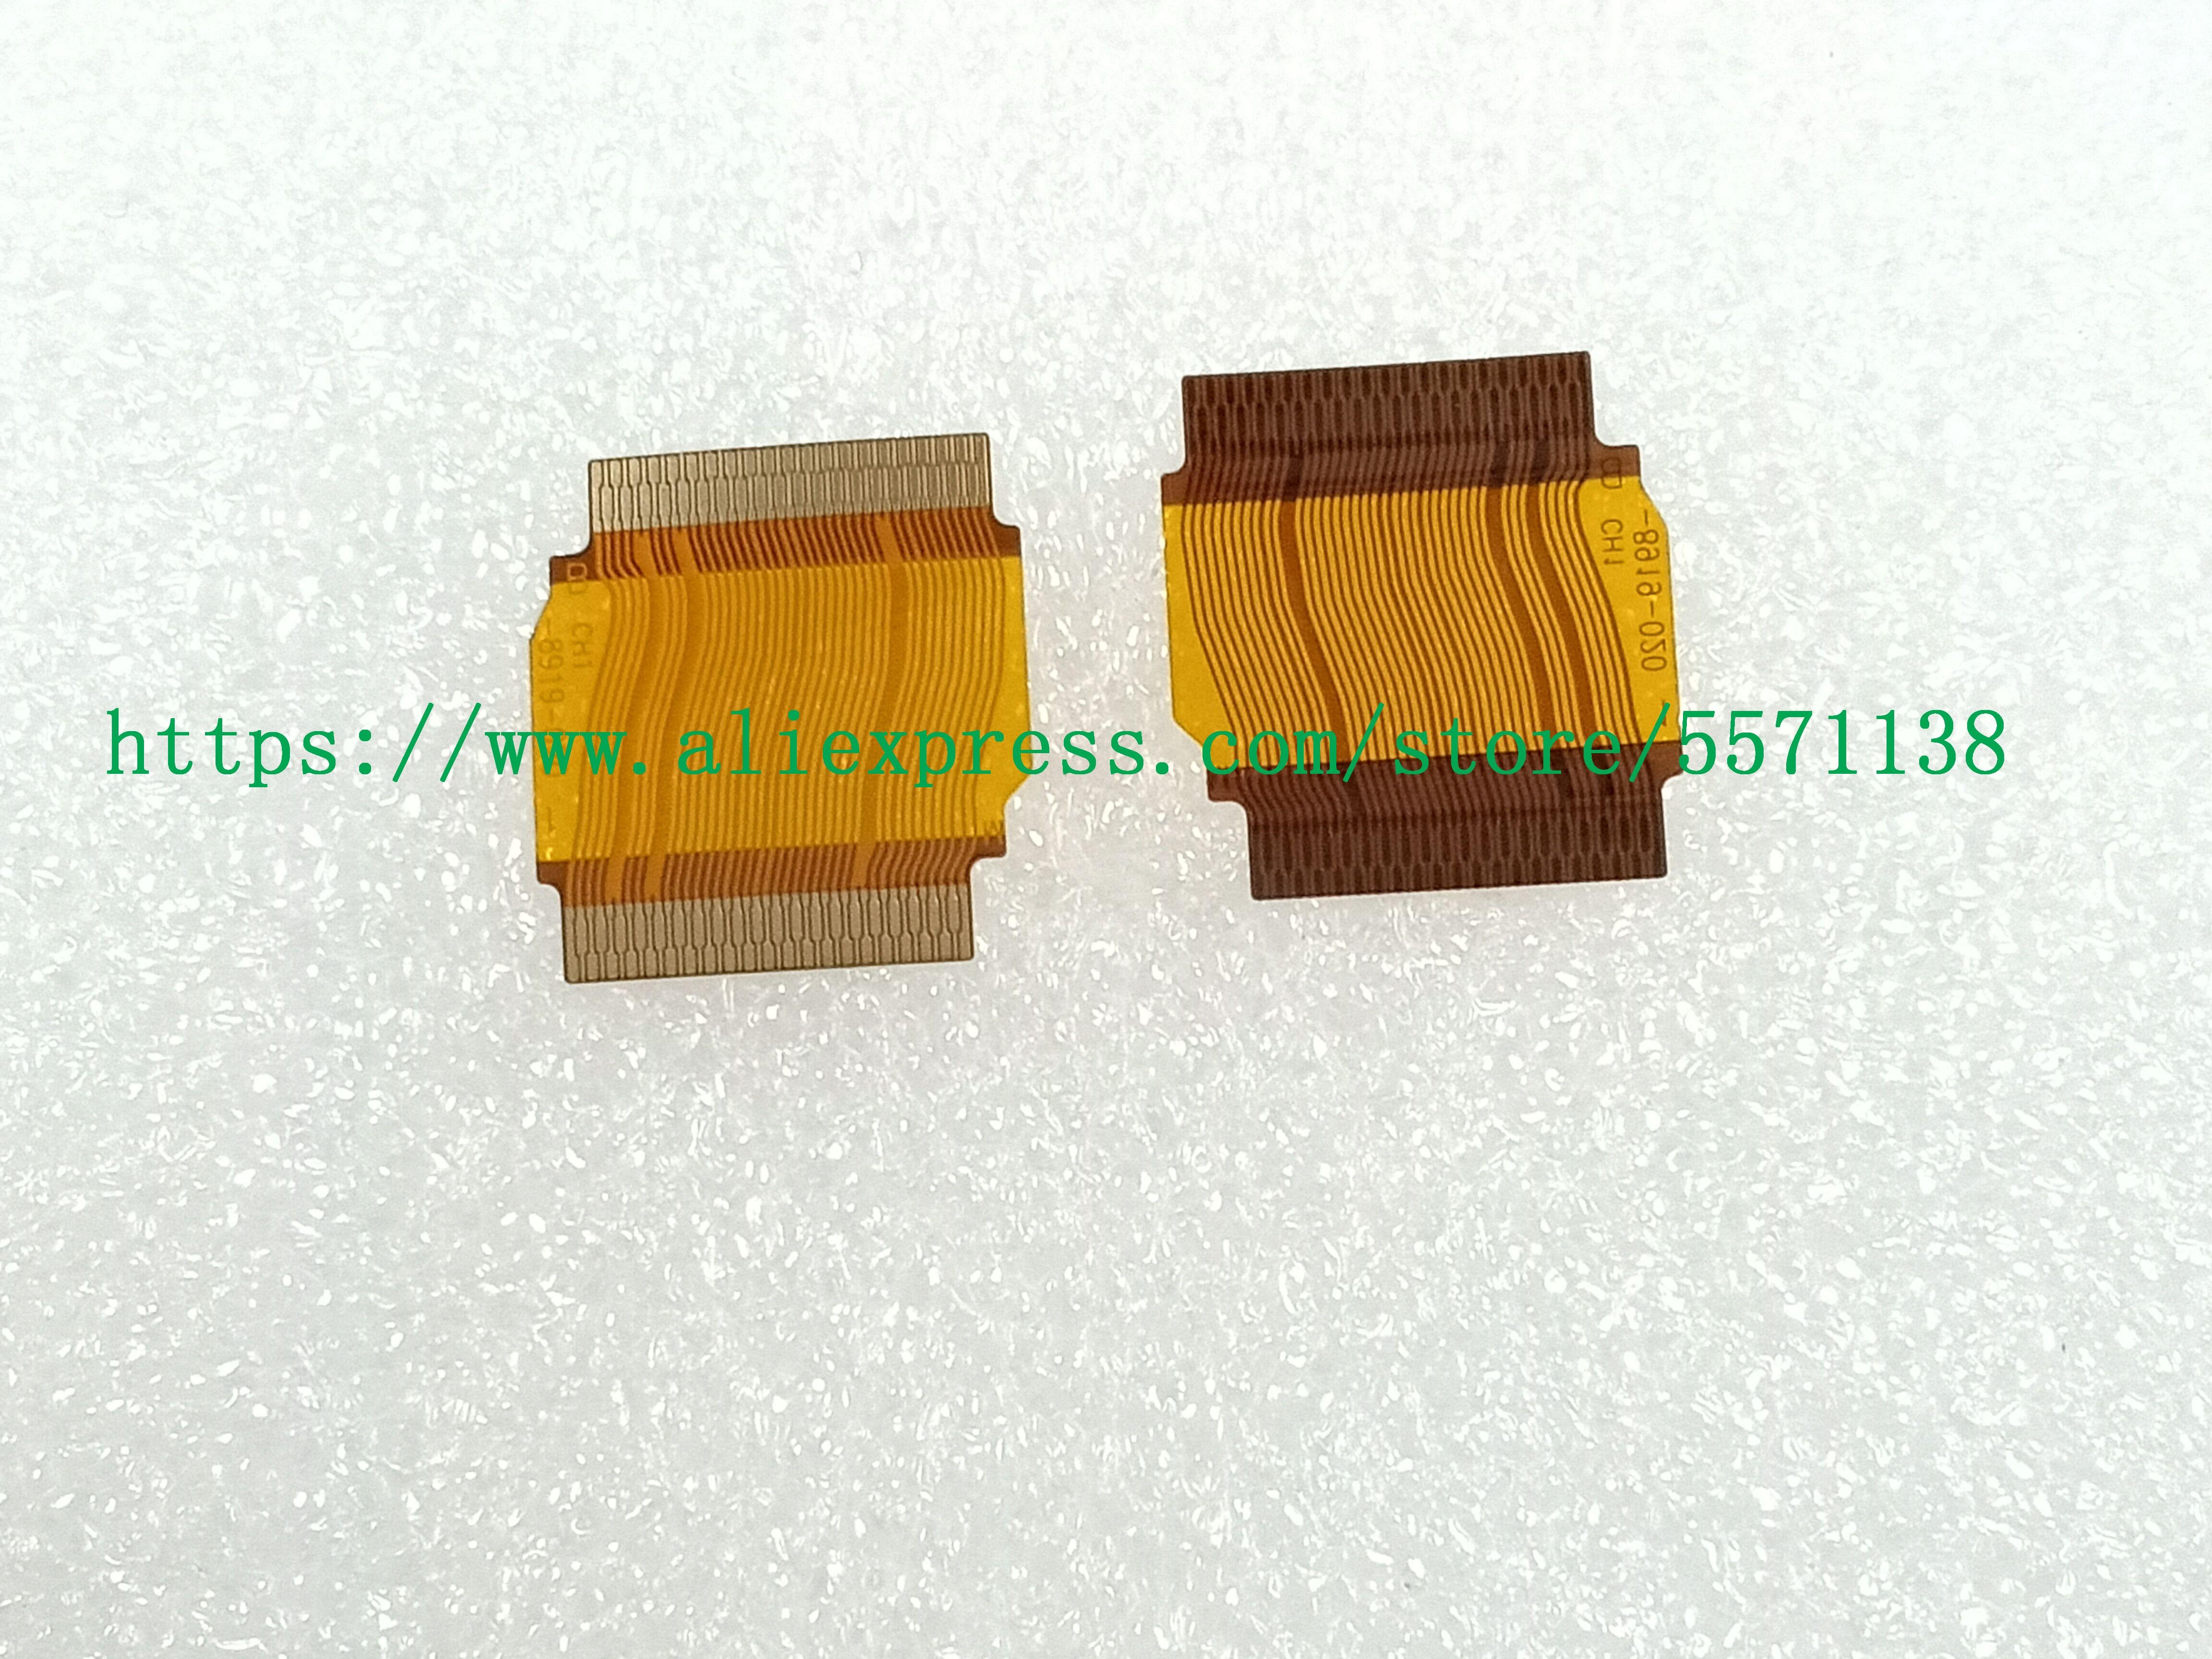 Nueva placa principal Original para placa de accionamiento Cable flexible para Canon para EOS 5D Mark III/5D3 pieza de reparación